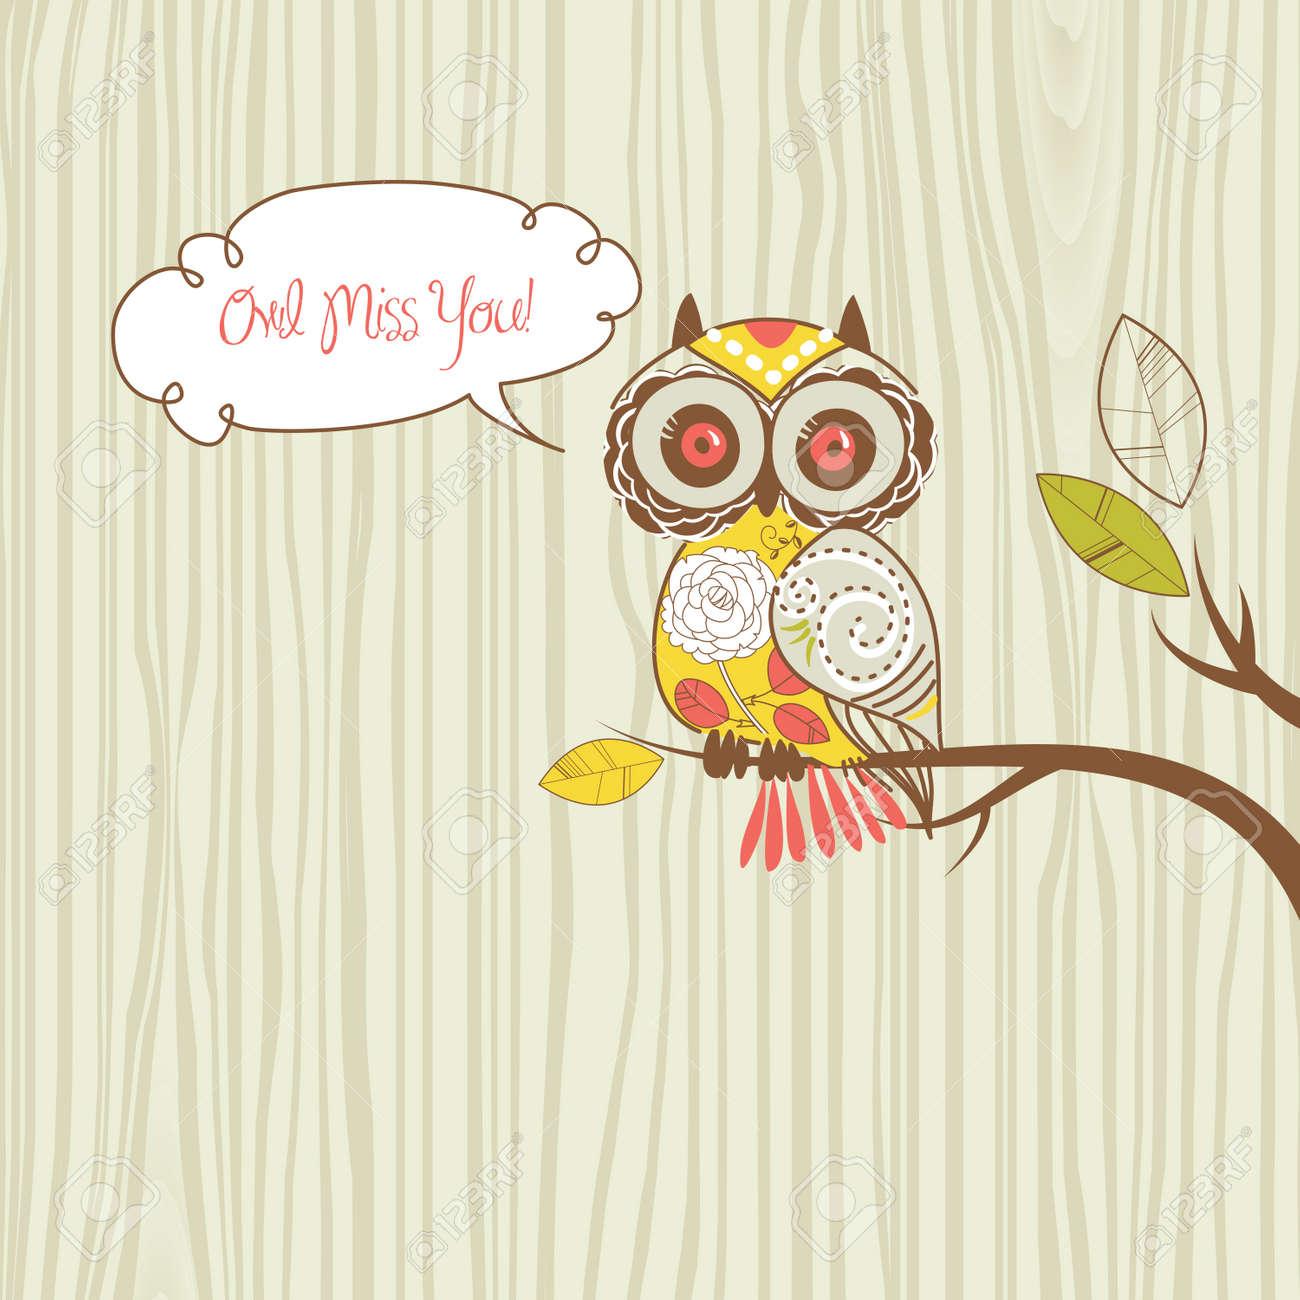 Cute Owl. Owl miss you card Stock Vector - 12851188